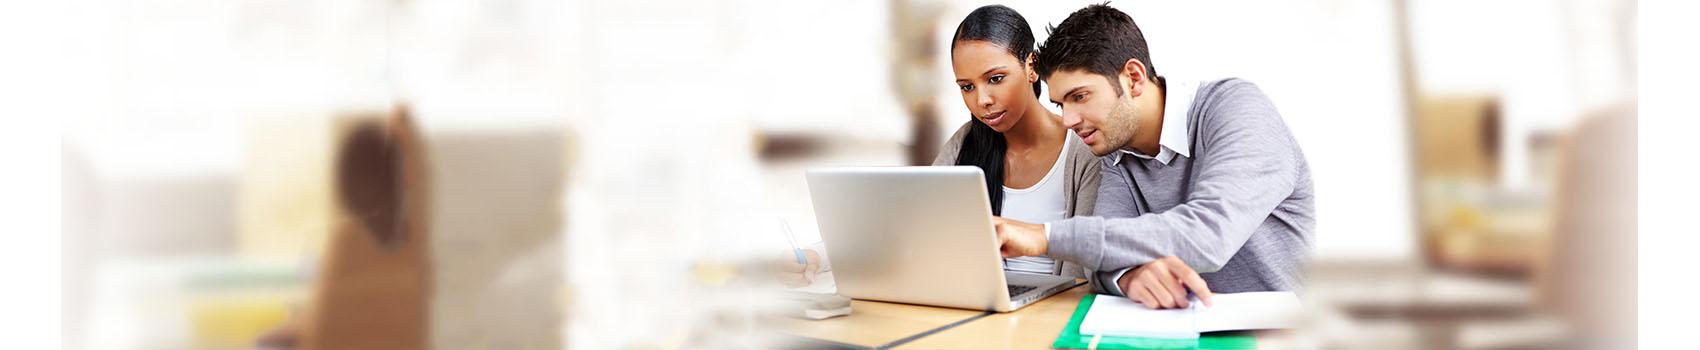 专注远程教育您的网上美国高中